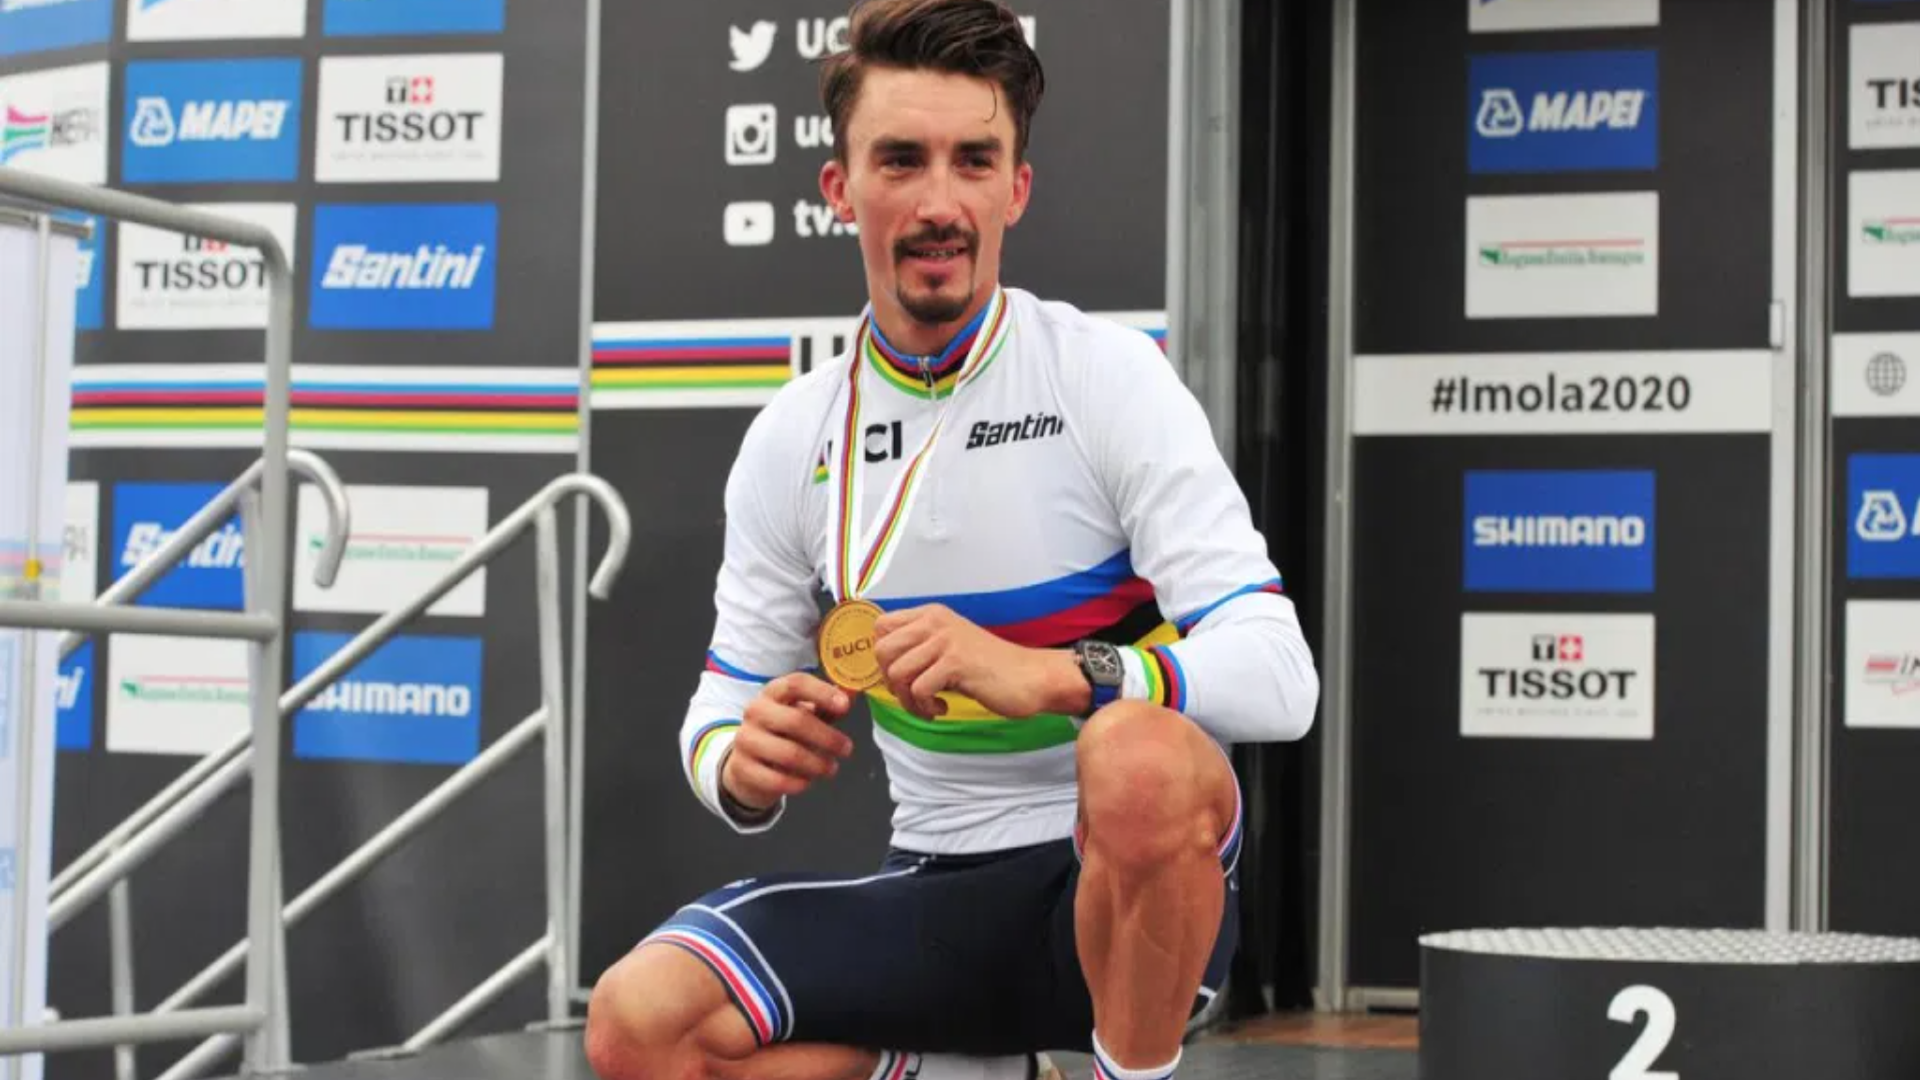 Beside Sport - Pourquoi le maillot de champion du monde de cyclisme est appelé arc-en-ciel? -